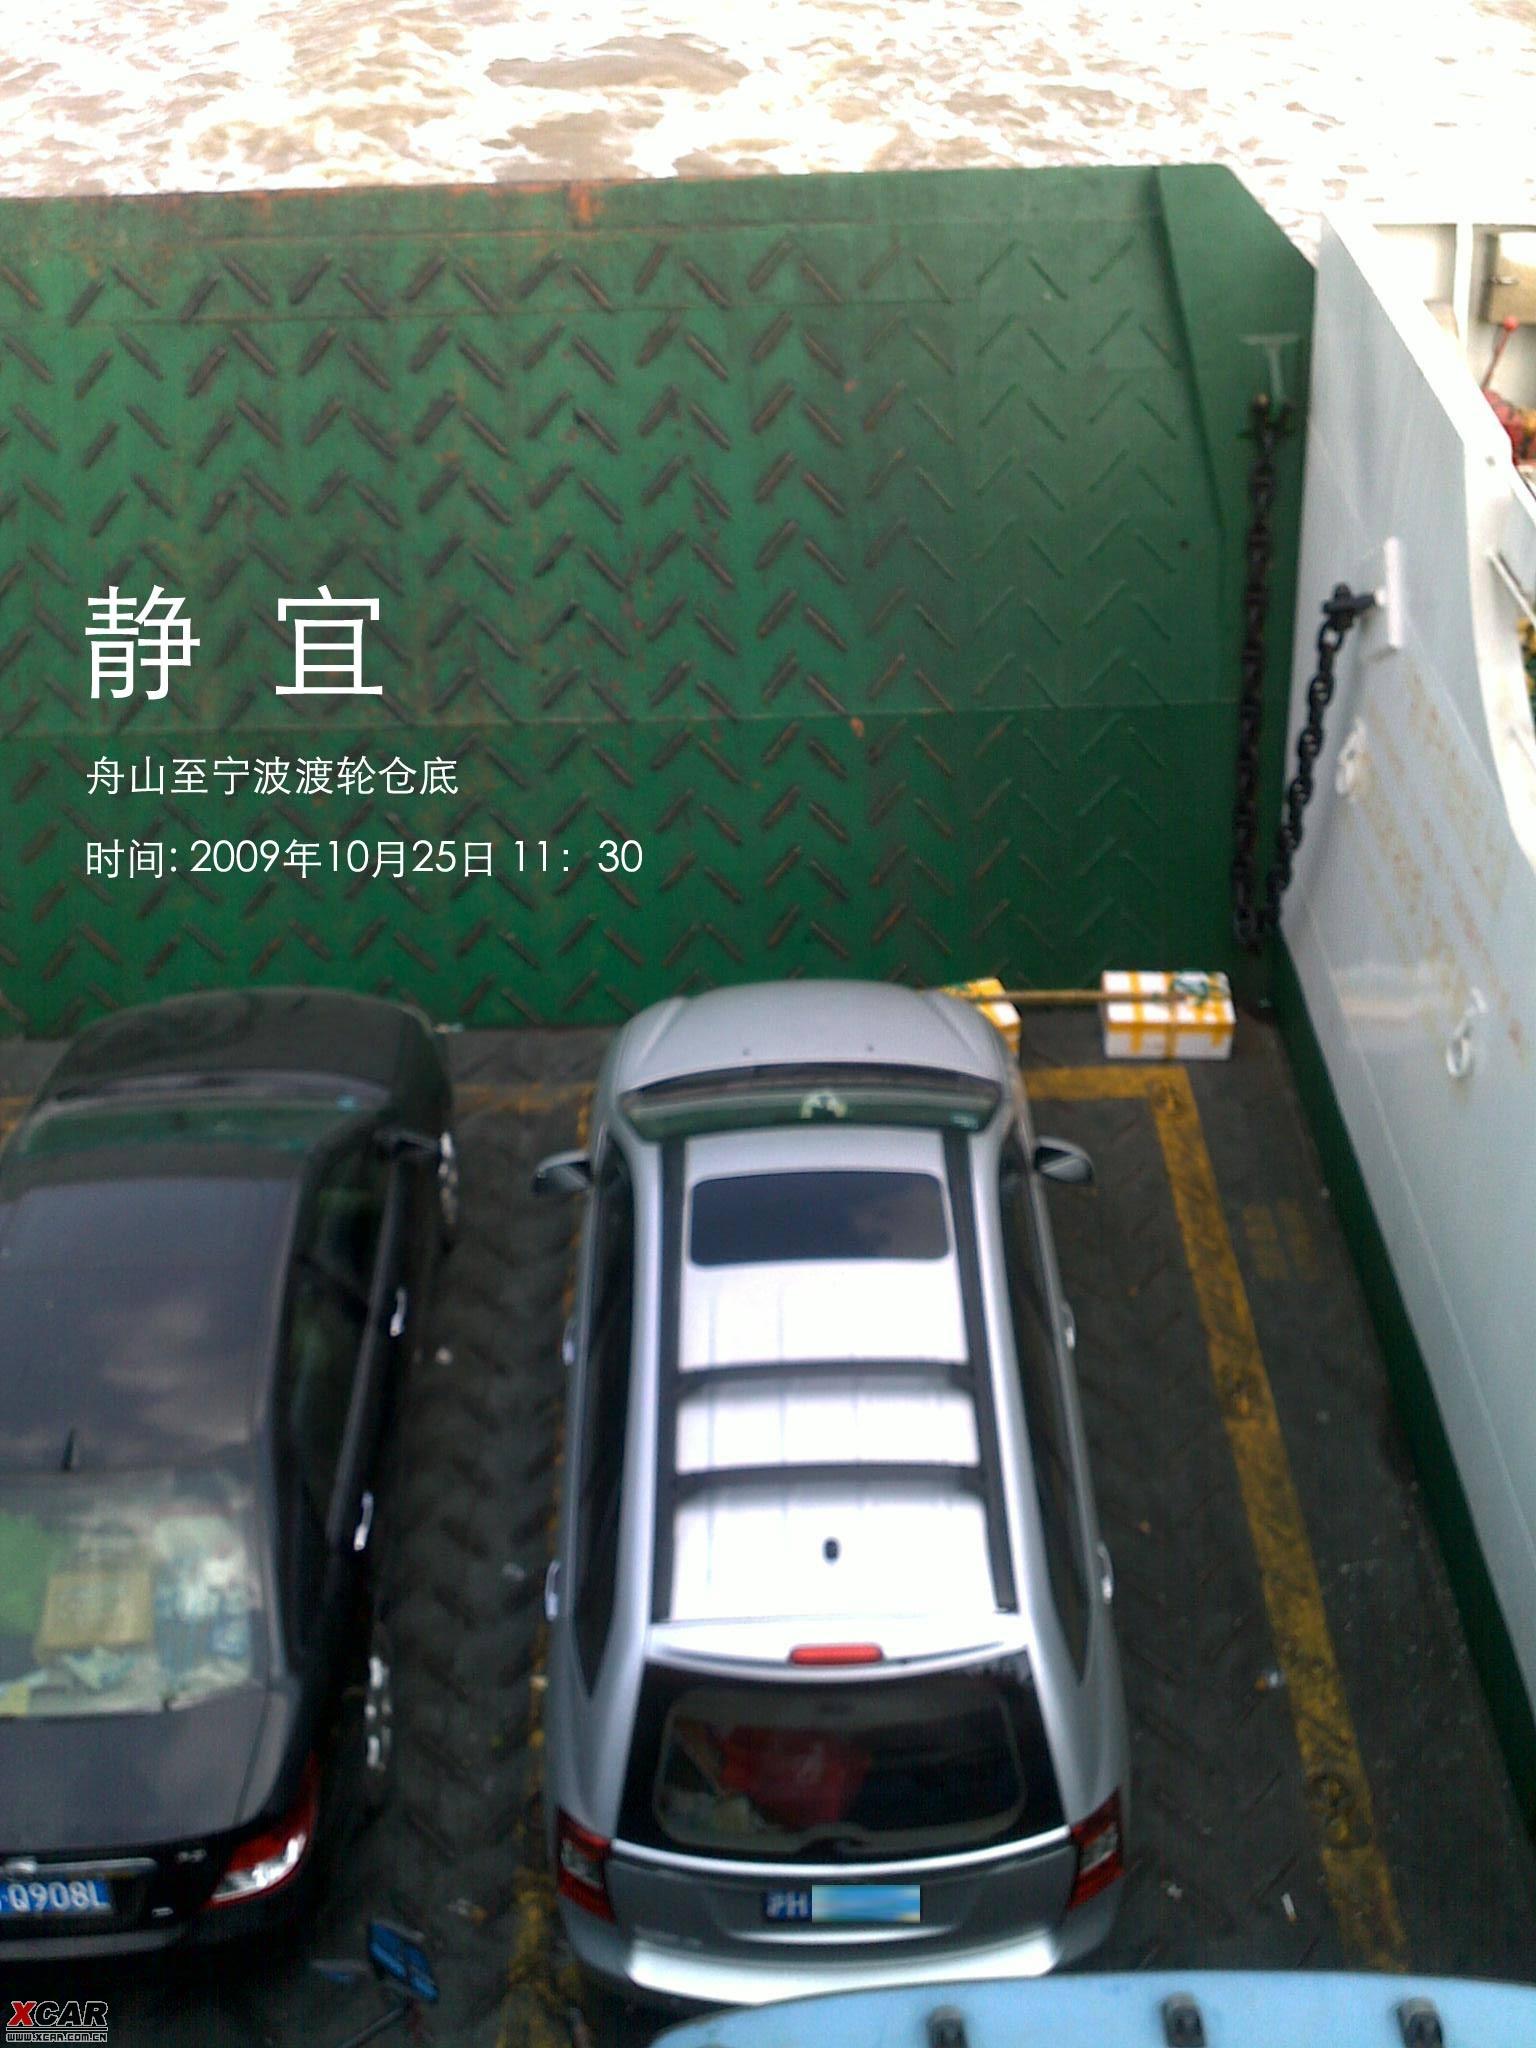 来,上图了 新佳乐论坛 起亚论坛 进口 xcar 爱卡汽车俱乐部 高清图片